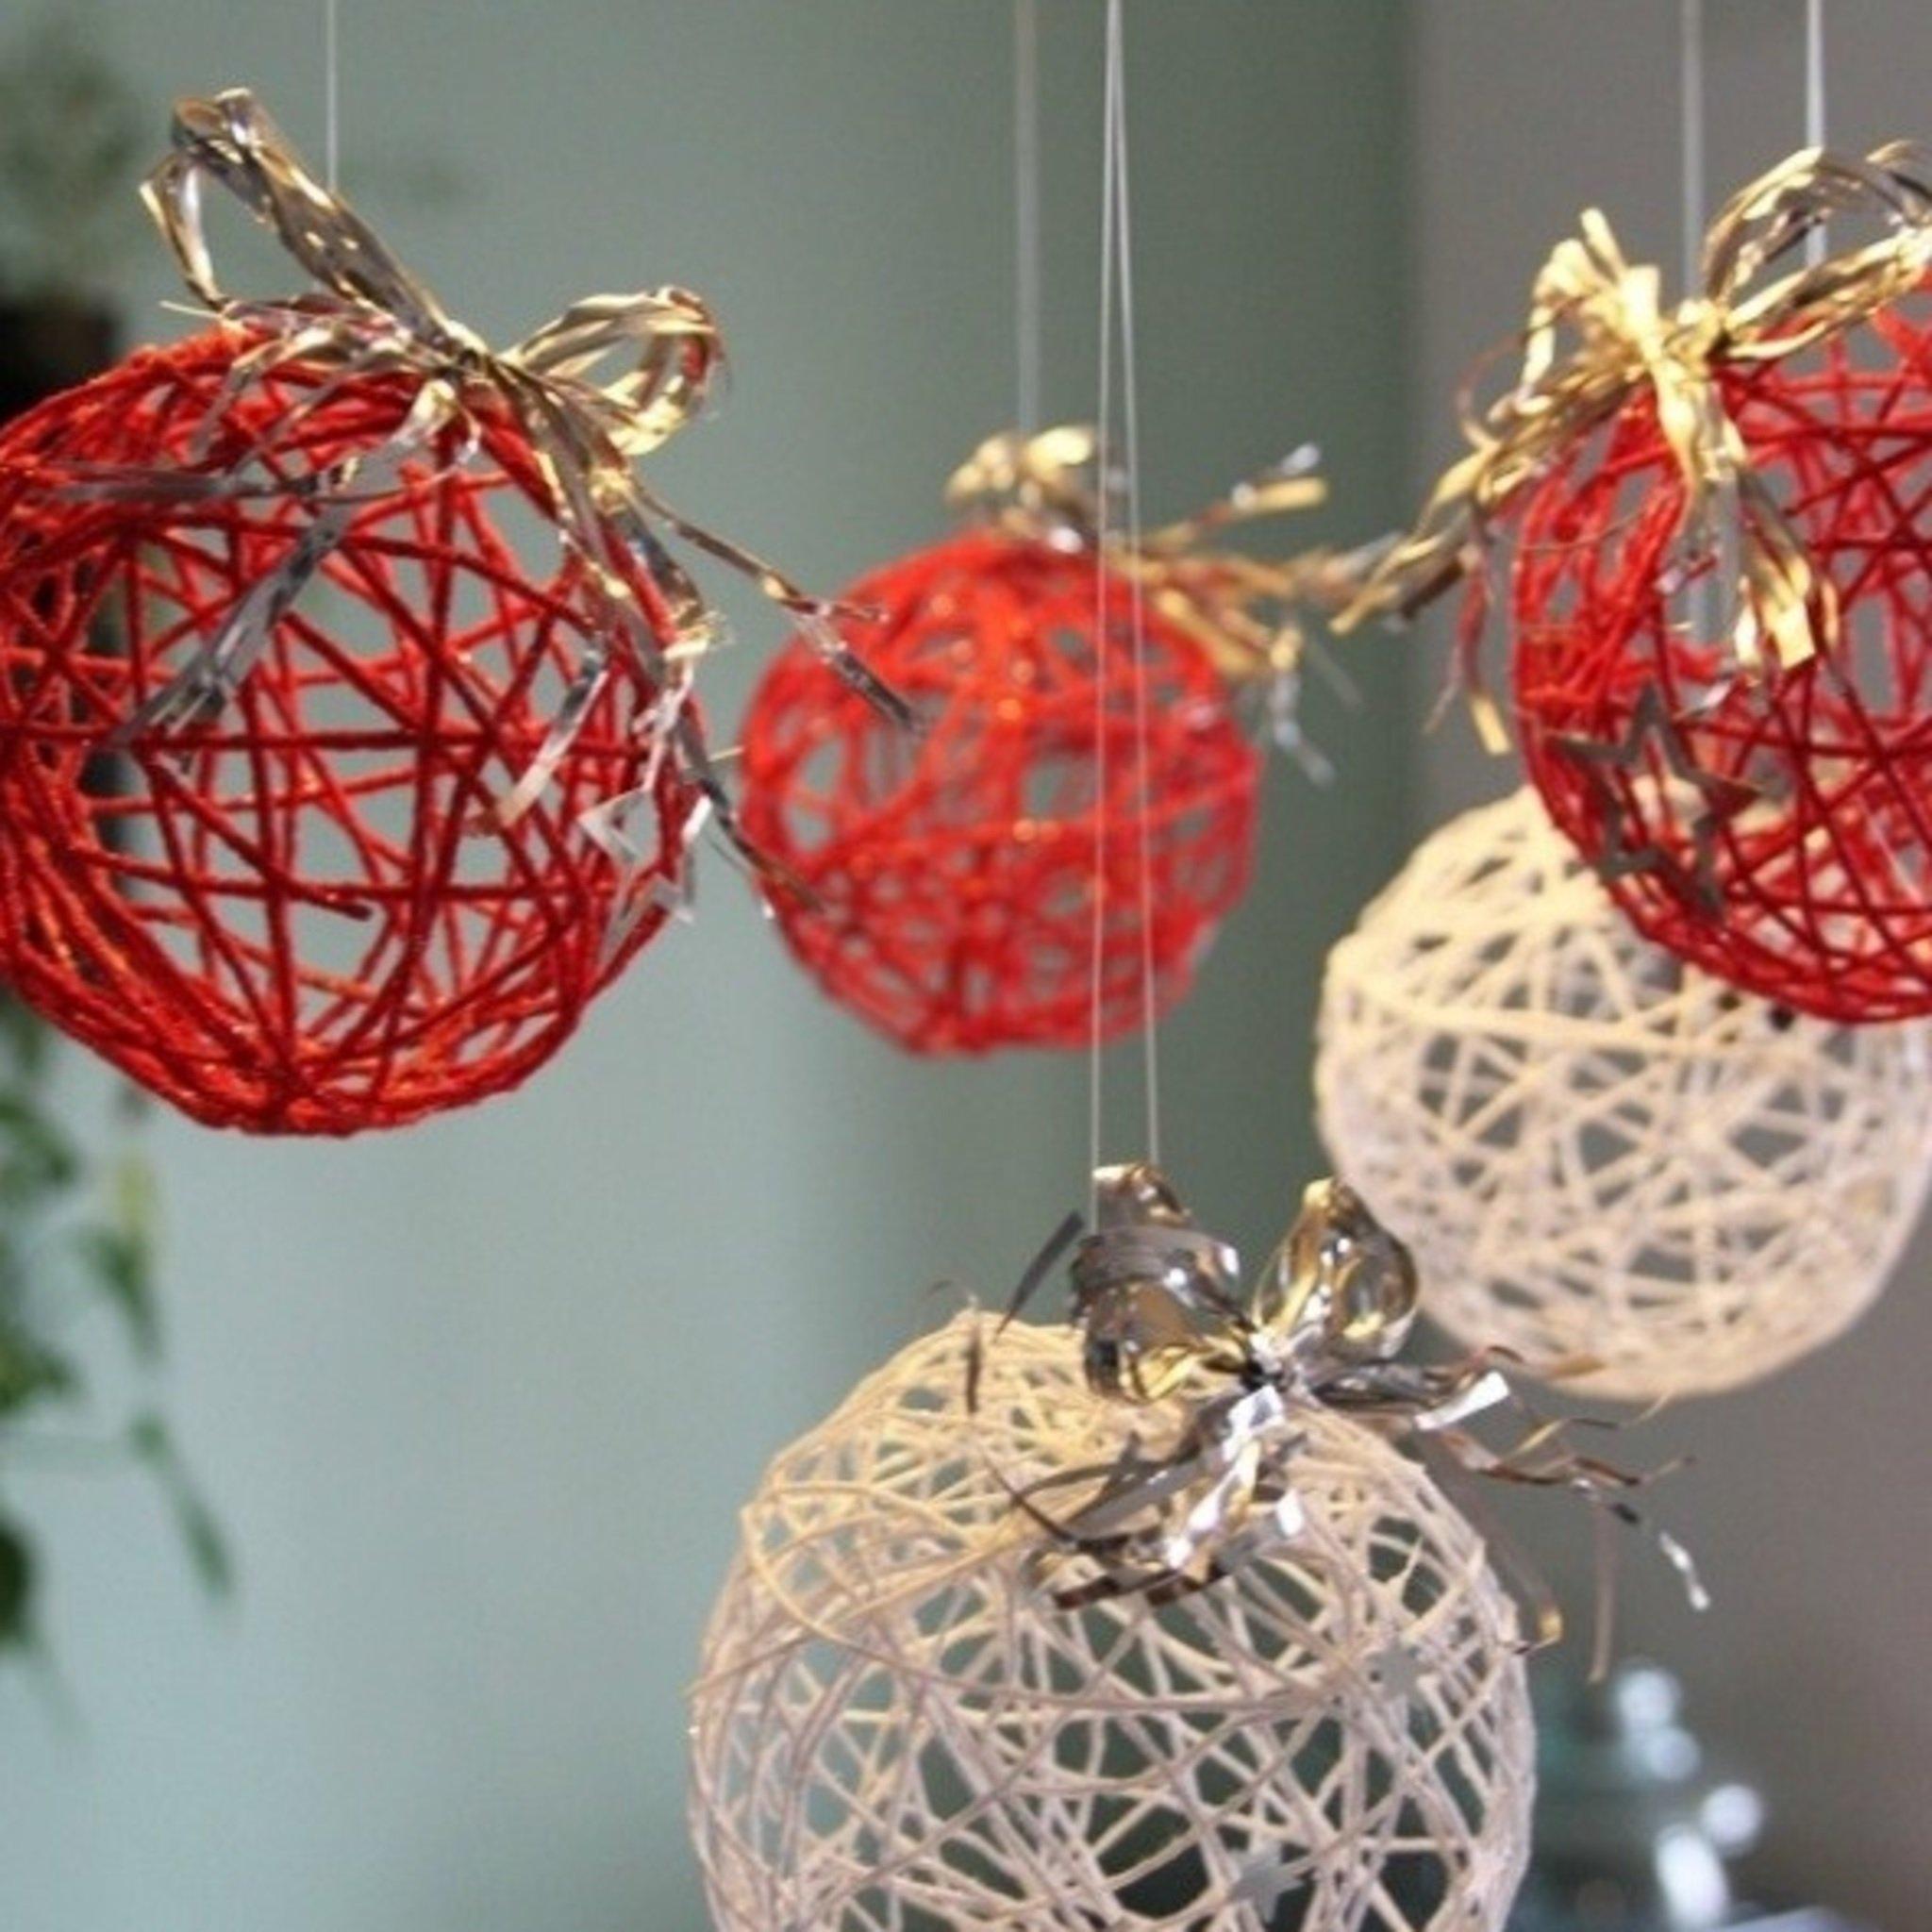 Елочные шары из пенопласта и бусин. новогодние шары своими руками из бумажных цветов. для изготовления понадобится